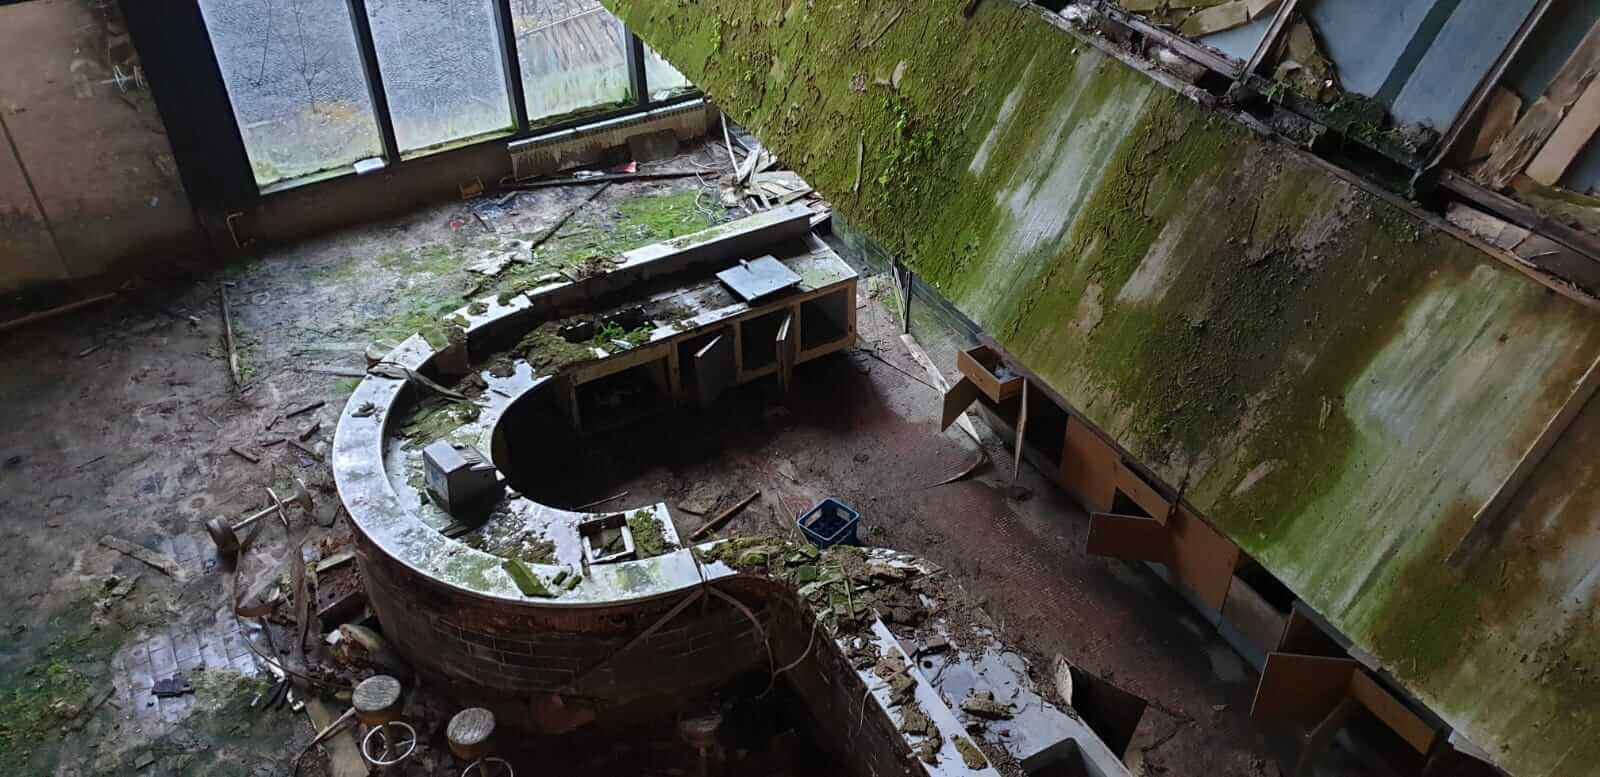 [FOTO] Pogledajte unutrašnjost 'kumrovečke škole', ima li potencijala za rekreativni turizam?